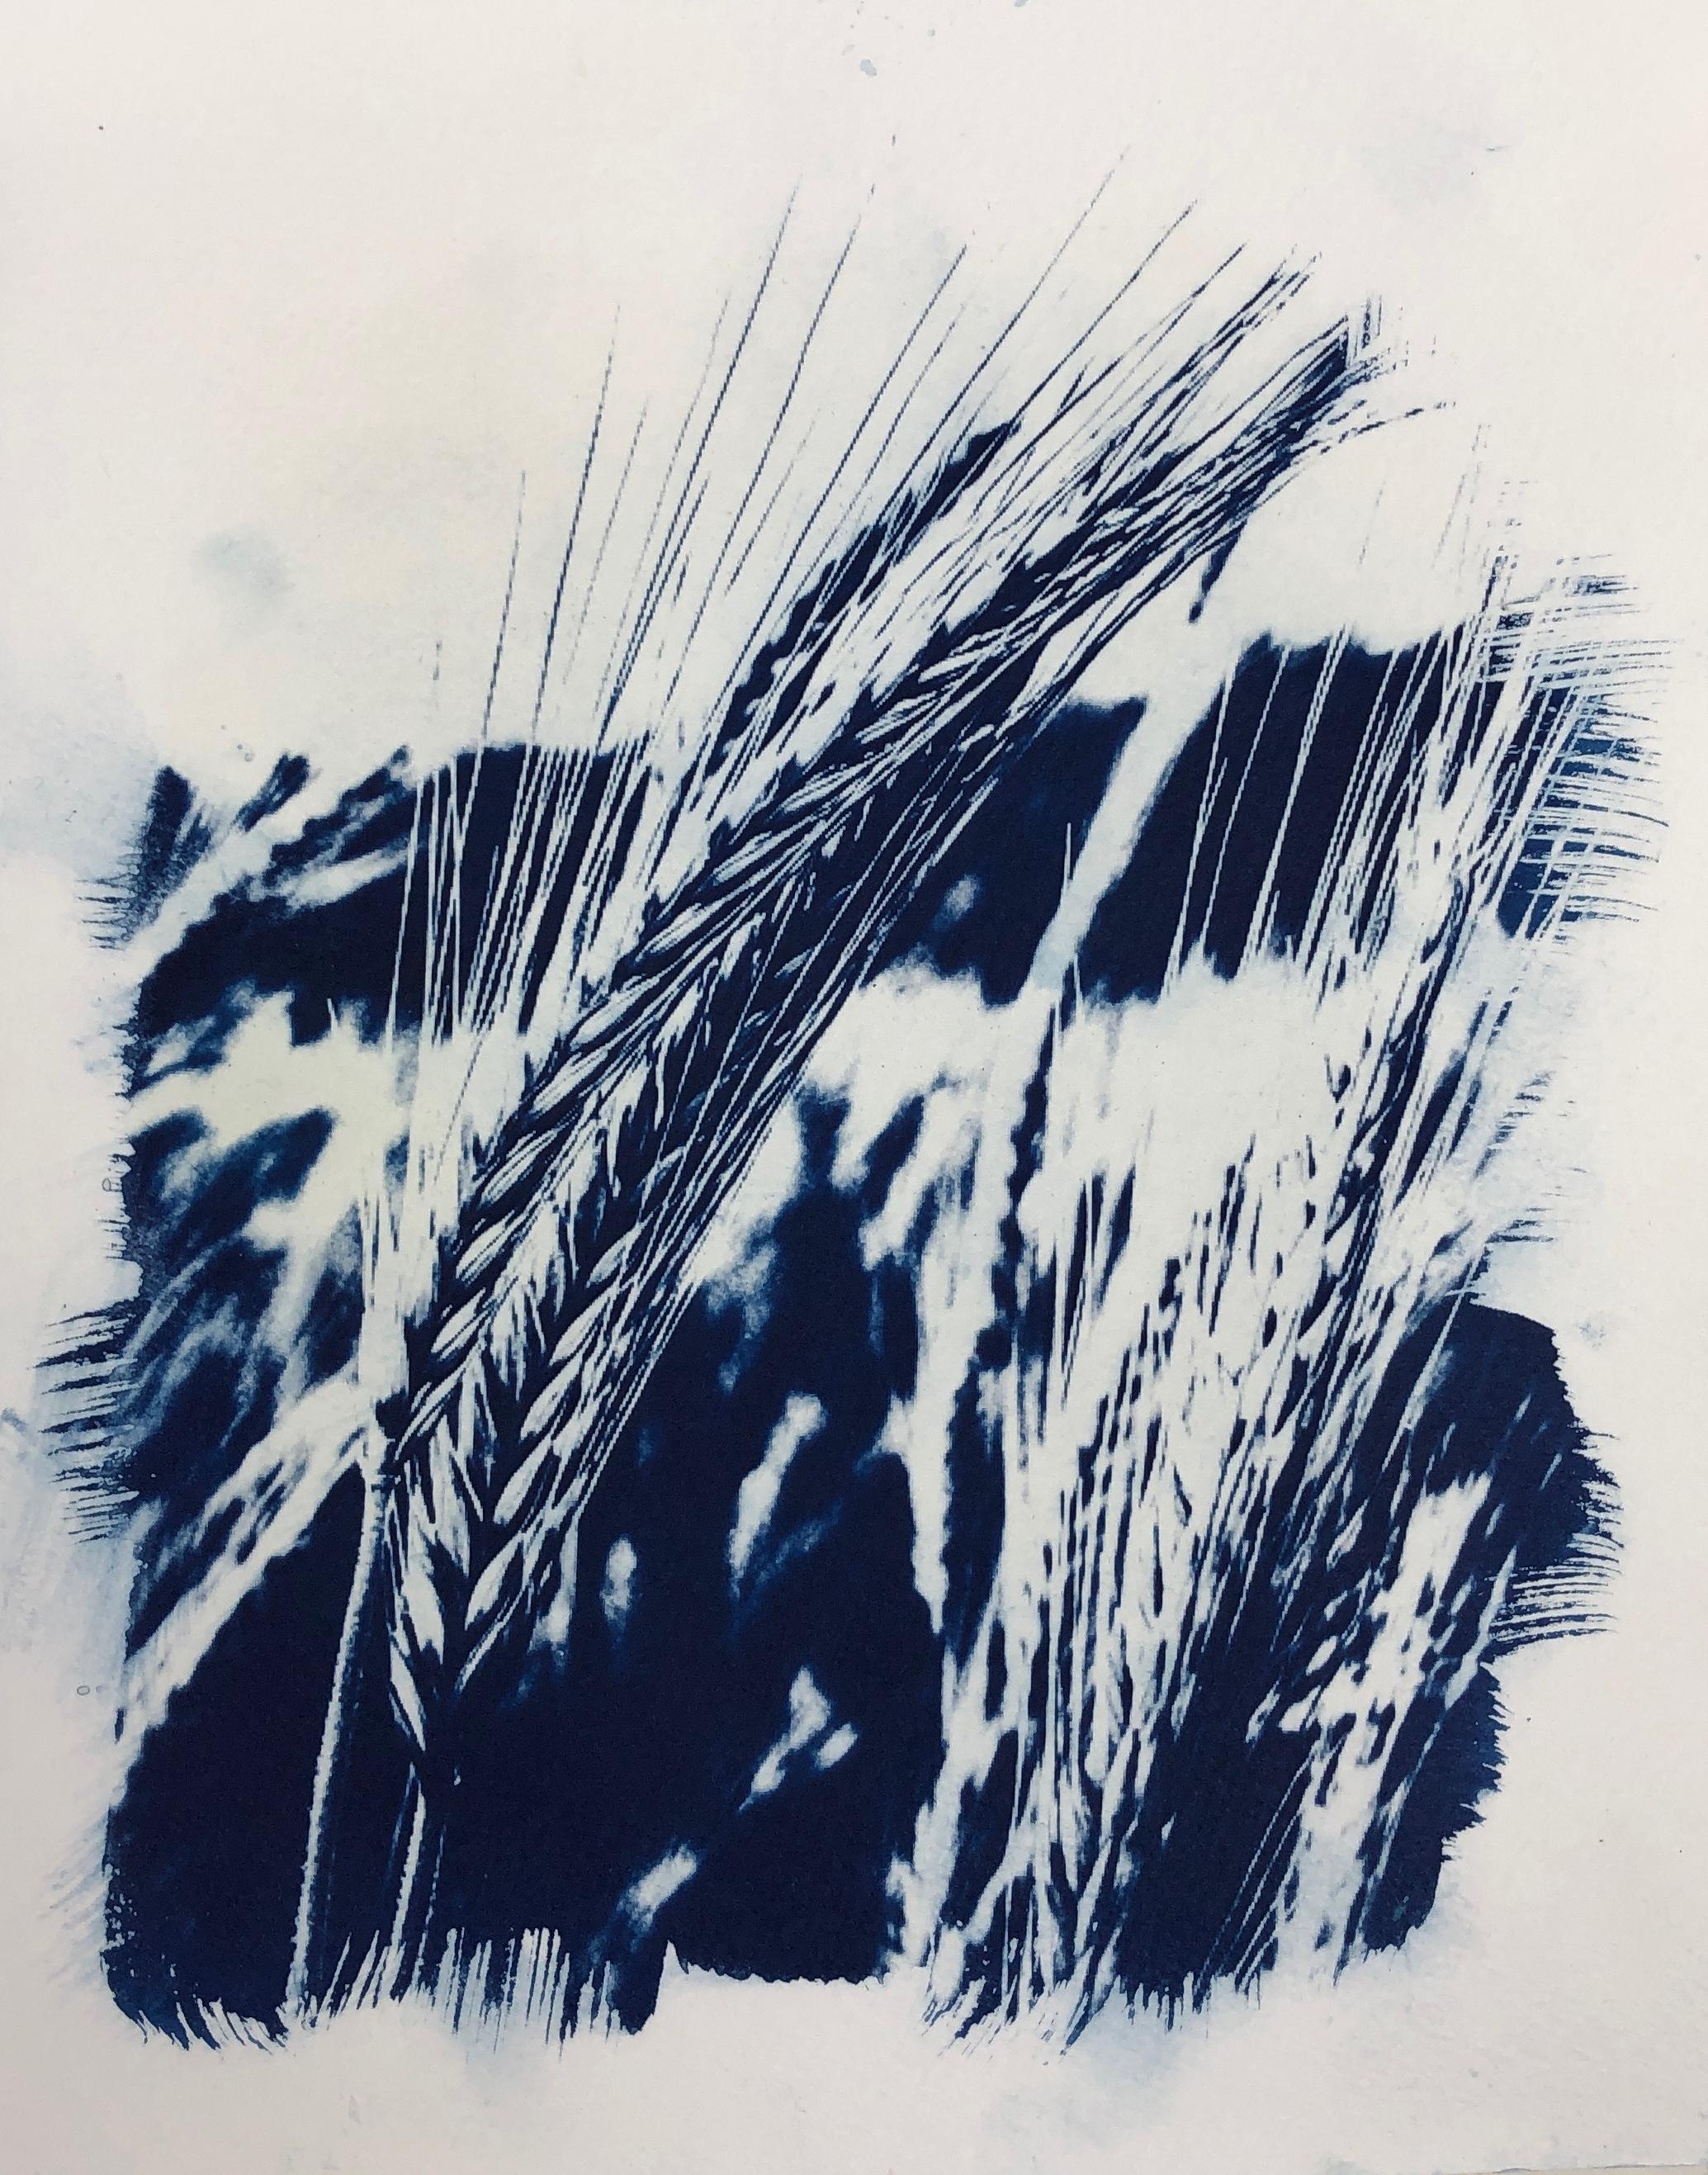 Barley 4